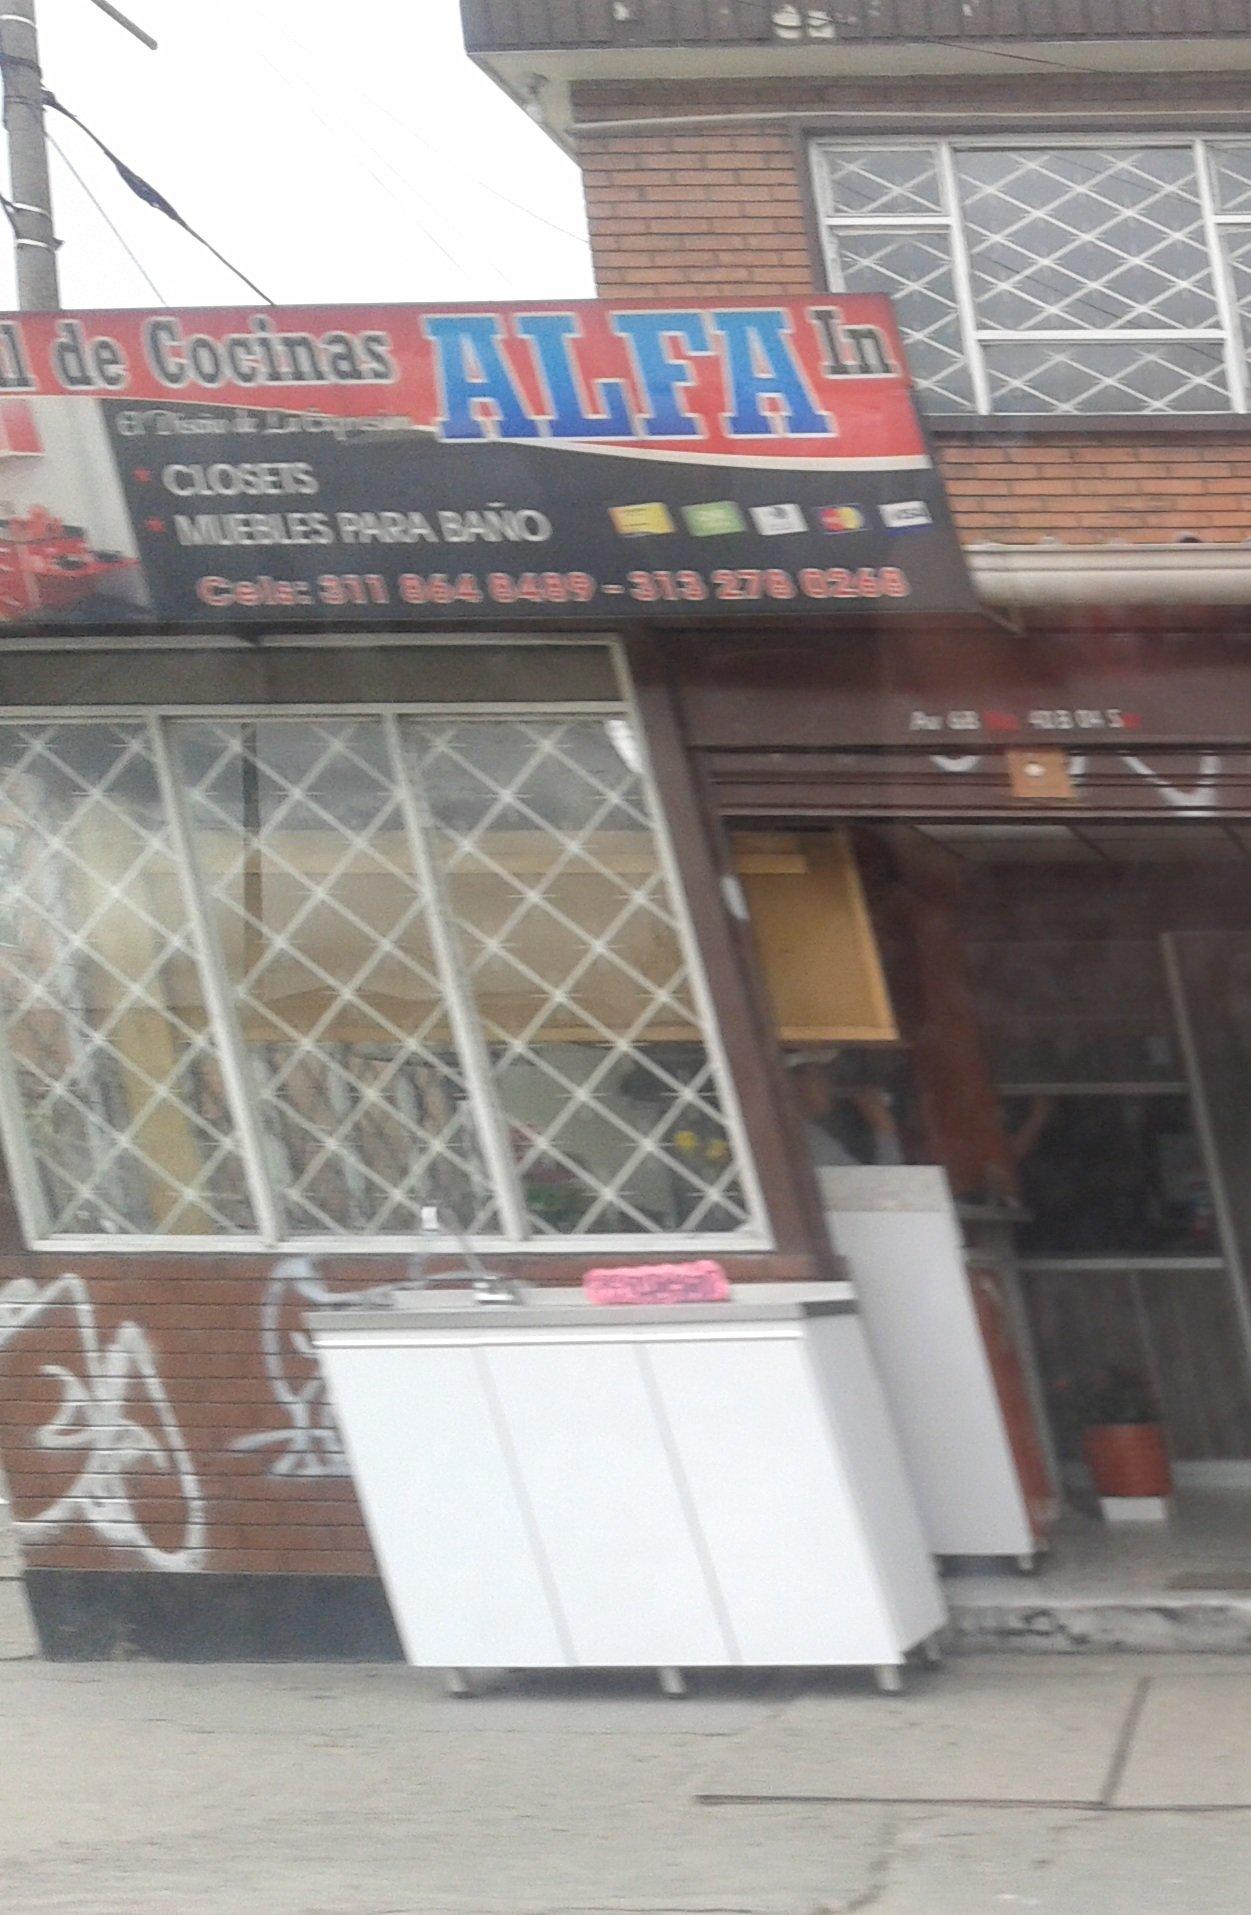 Central de cocinas alfa in alqueria puente aranda bogot for Cocinas alfa bogota